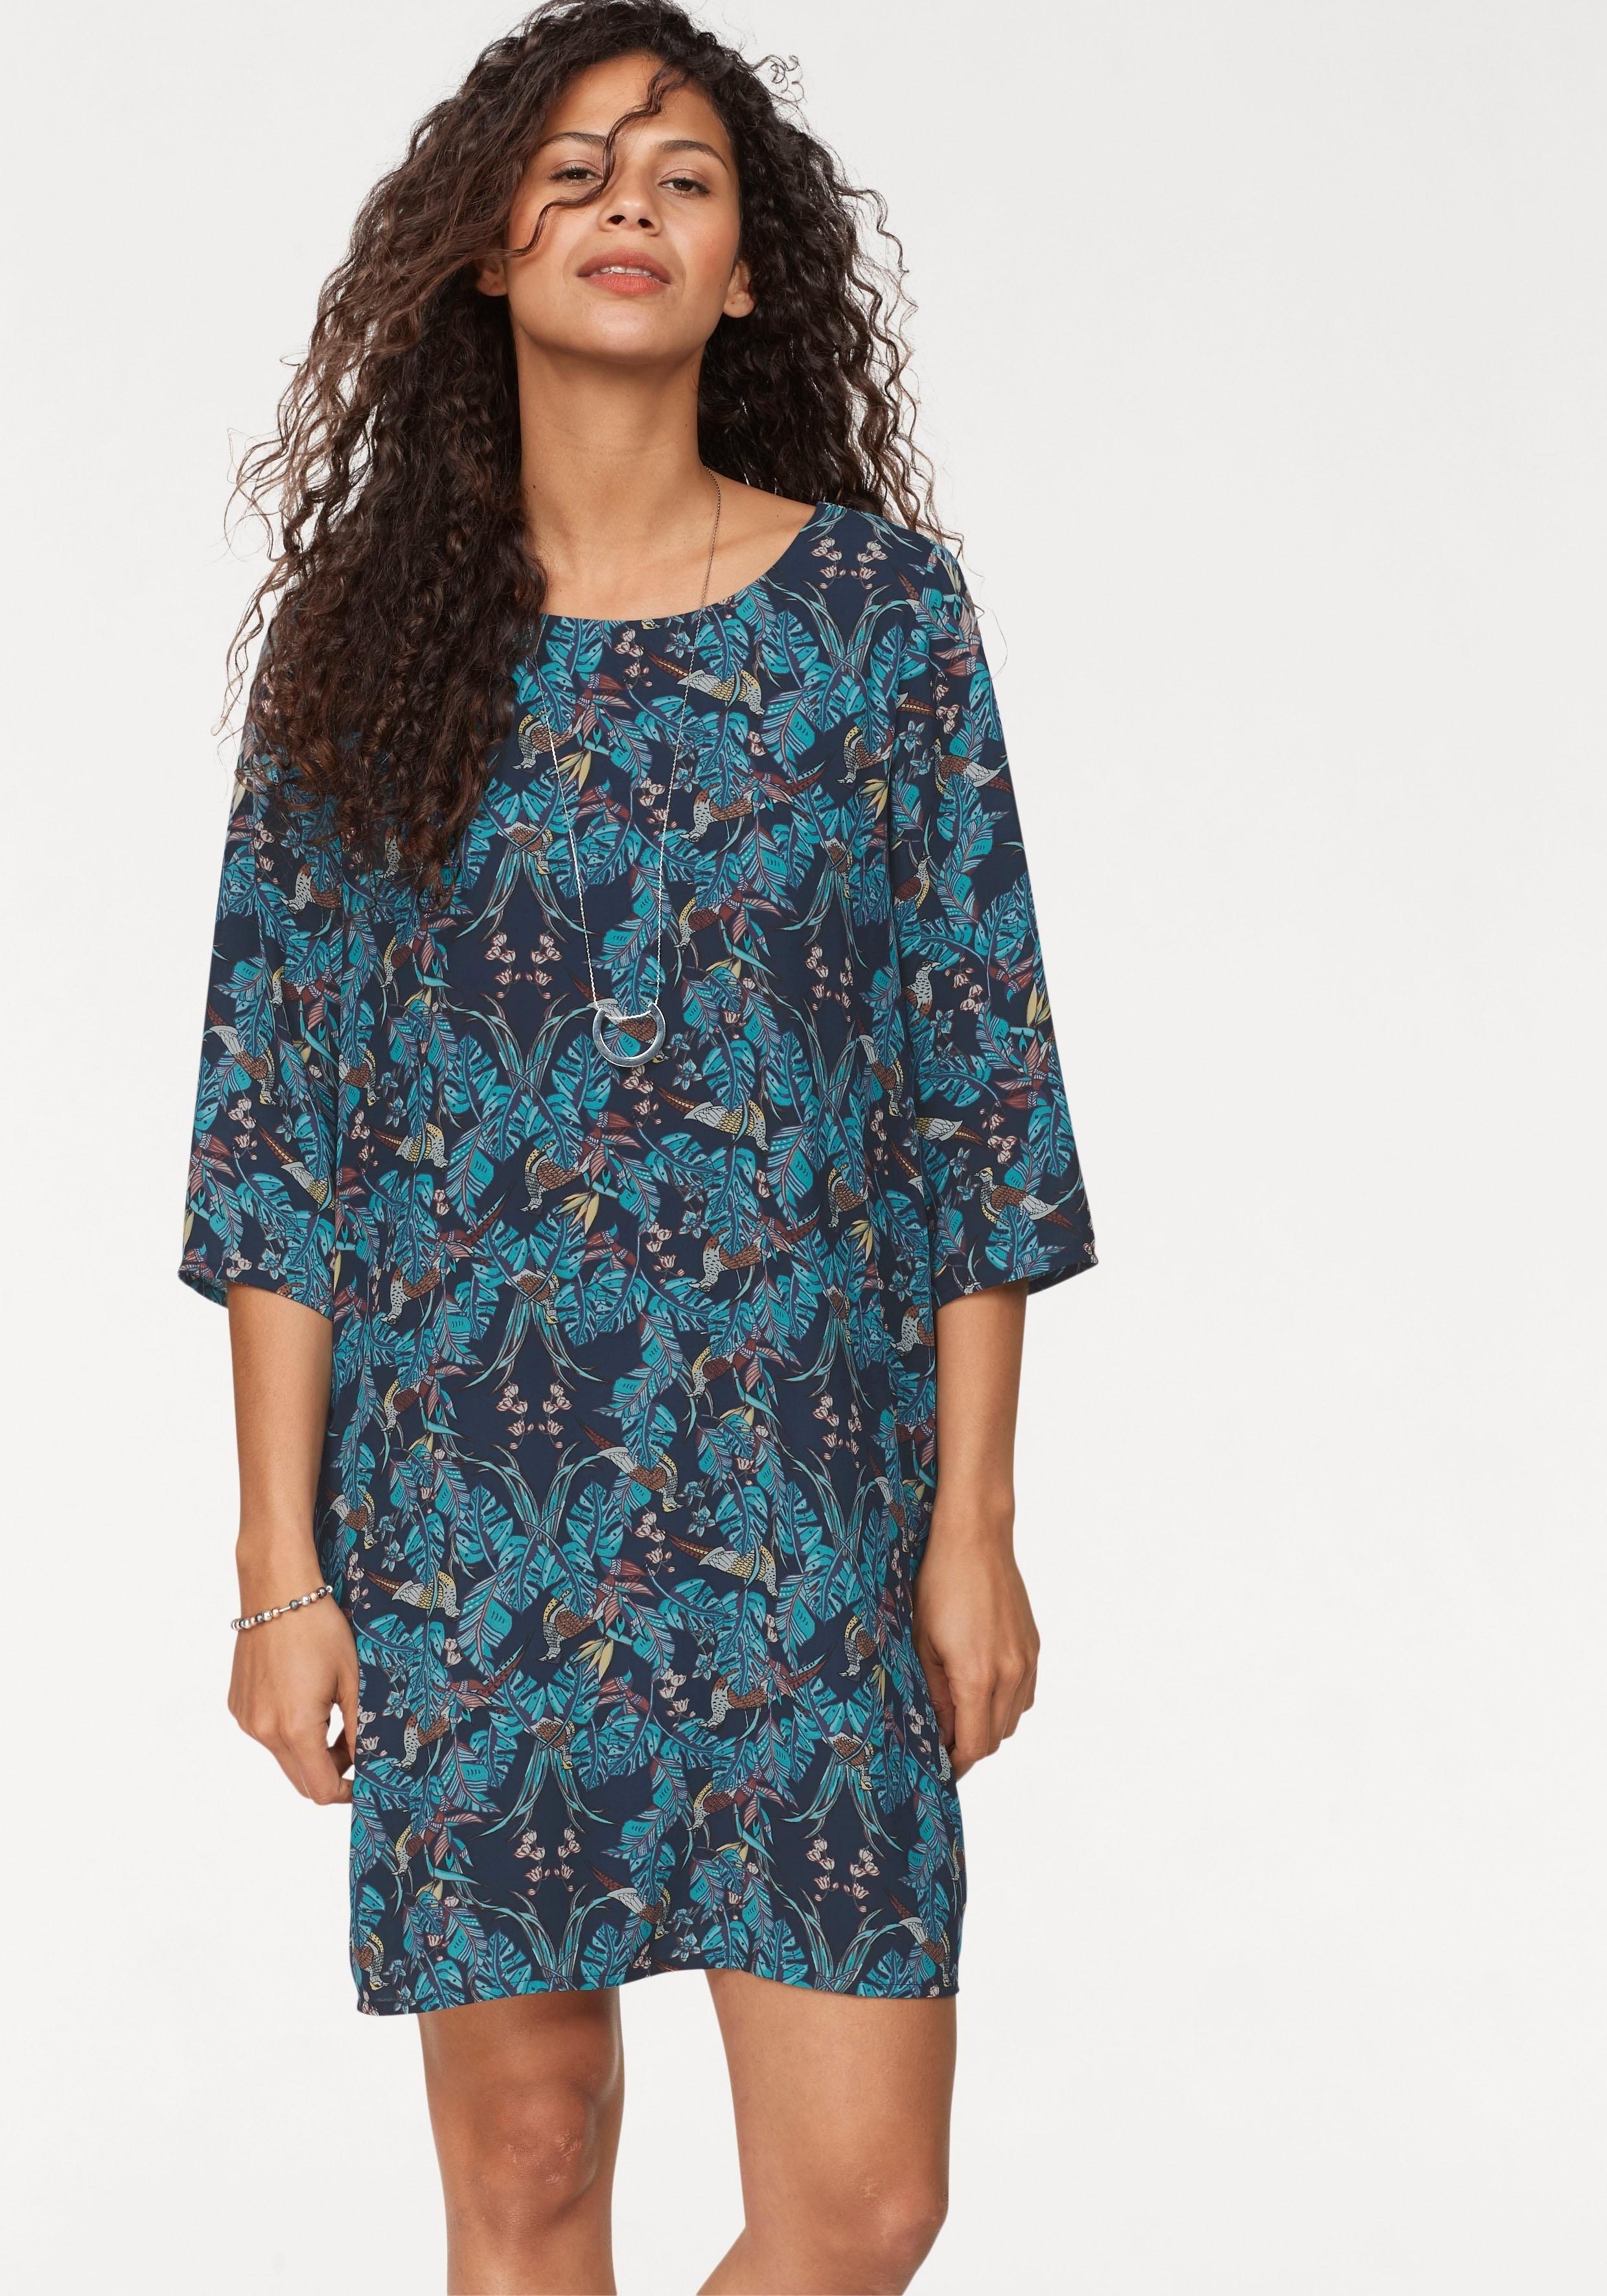 5c7b2485511945 Afbeeldingsbron  Object jurk in A-lijn